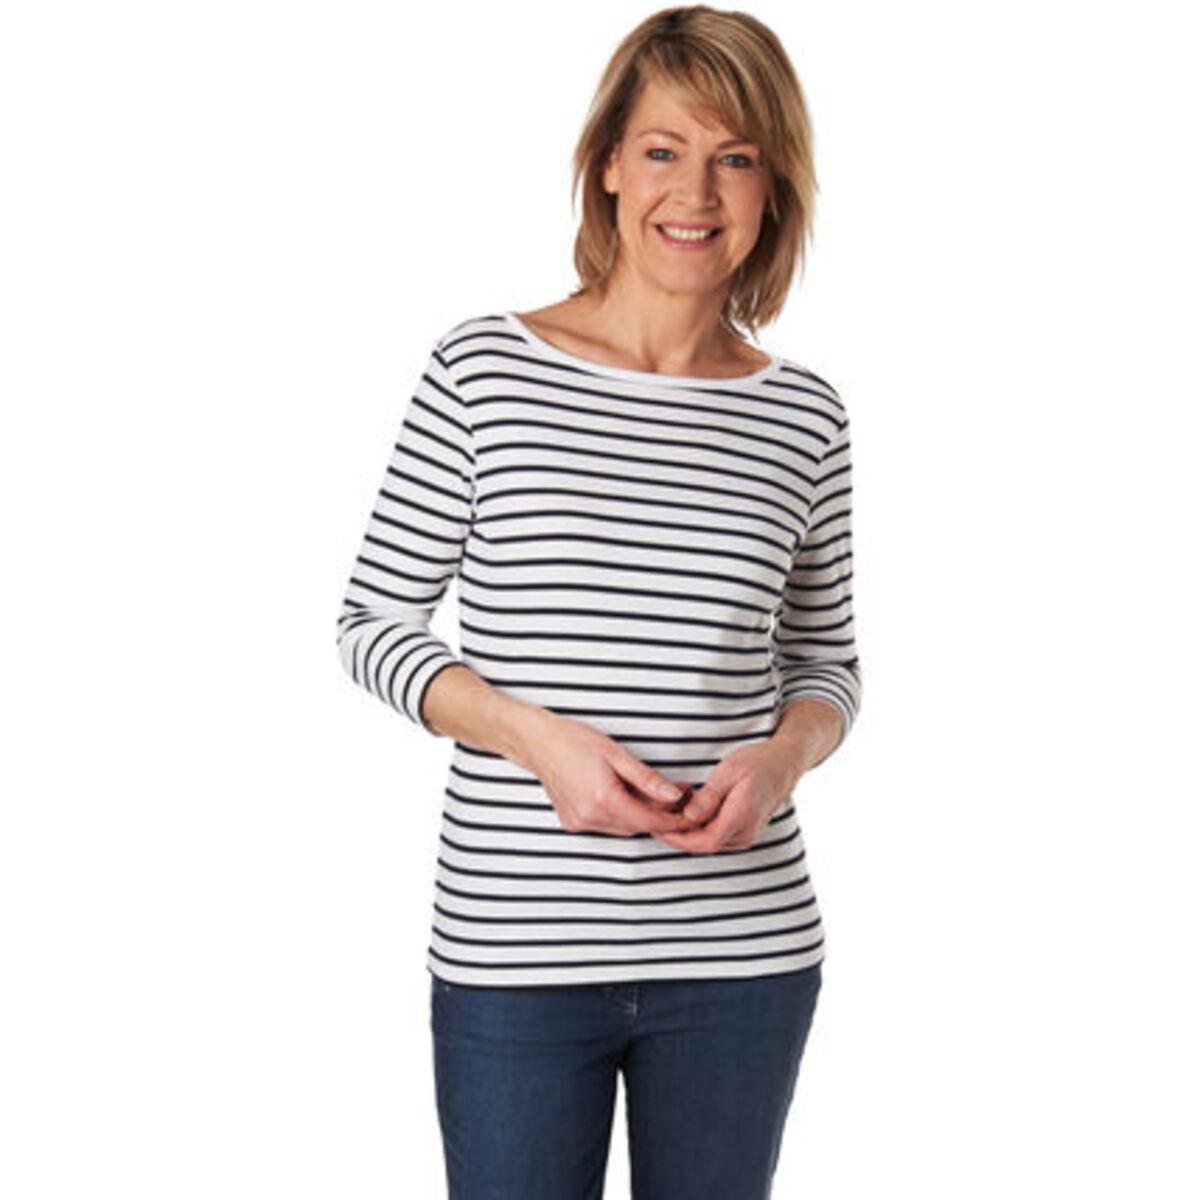 Bild 1 von Adagio Streifen-Shirt, 3/4 Ärmel, für Damen